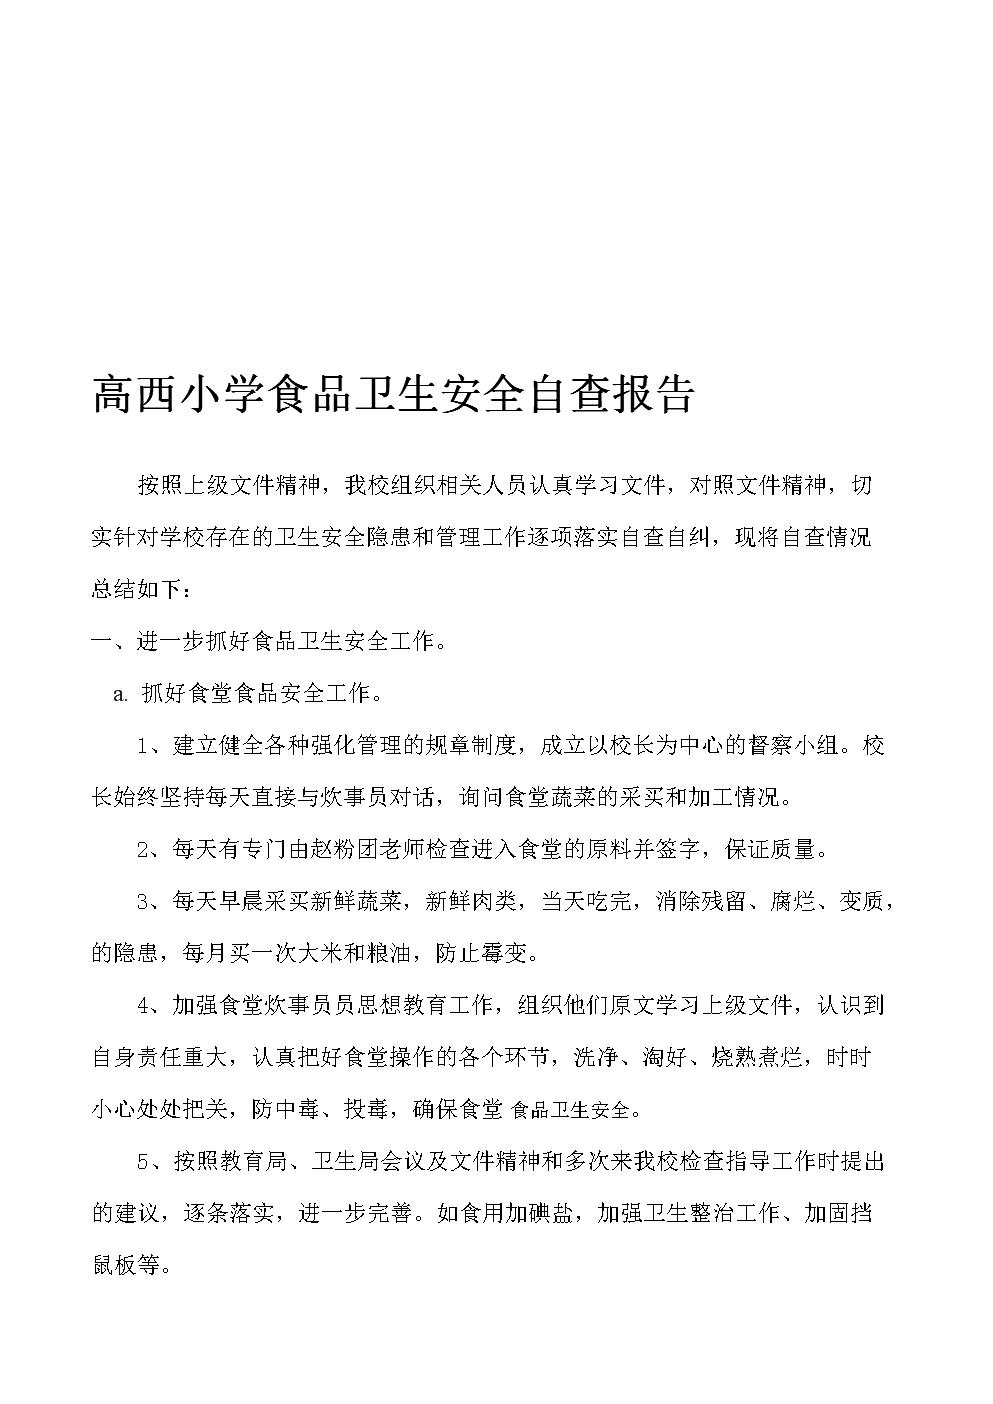 高西小学食品卫生安全自查报告.doc